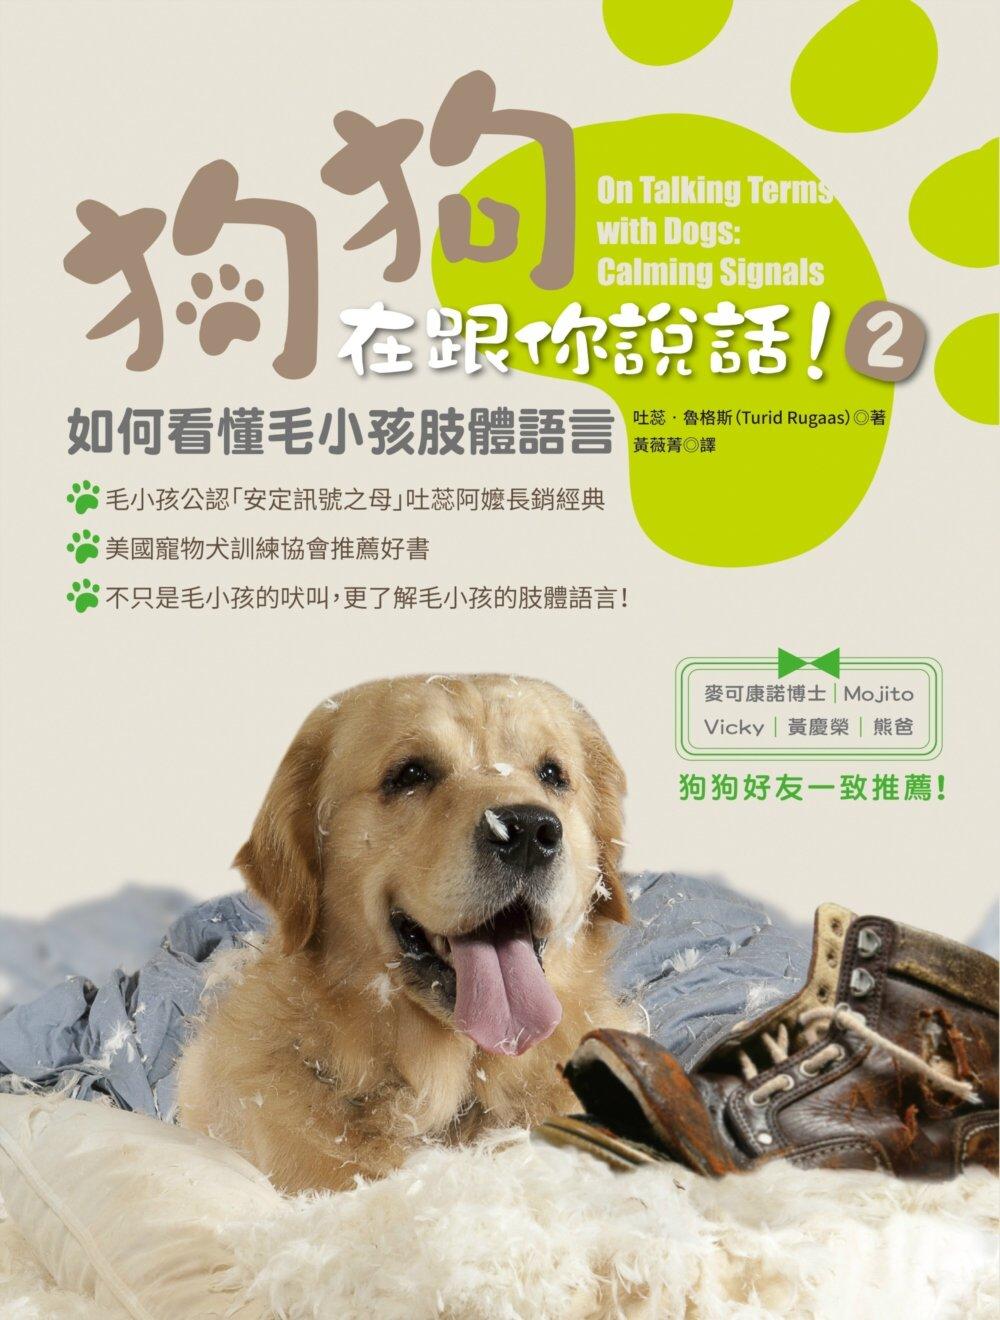 狗狗在跟你說話^!2 如何看懂毛小孩肢體語言